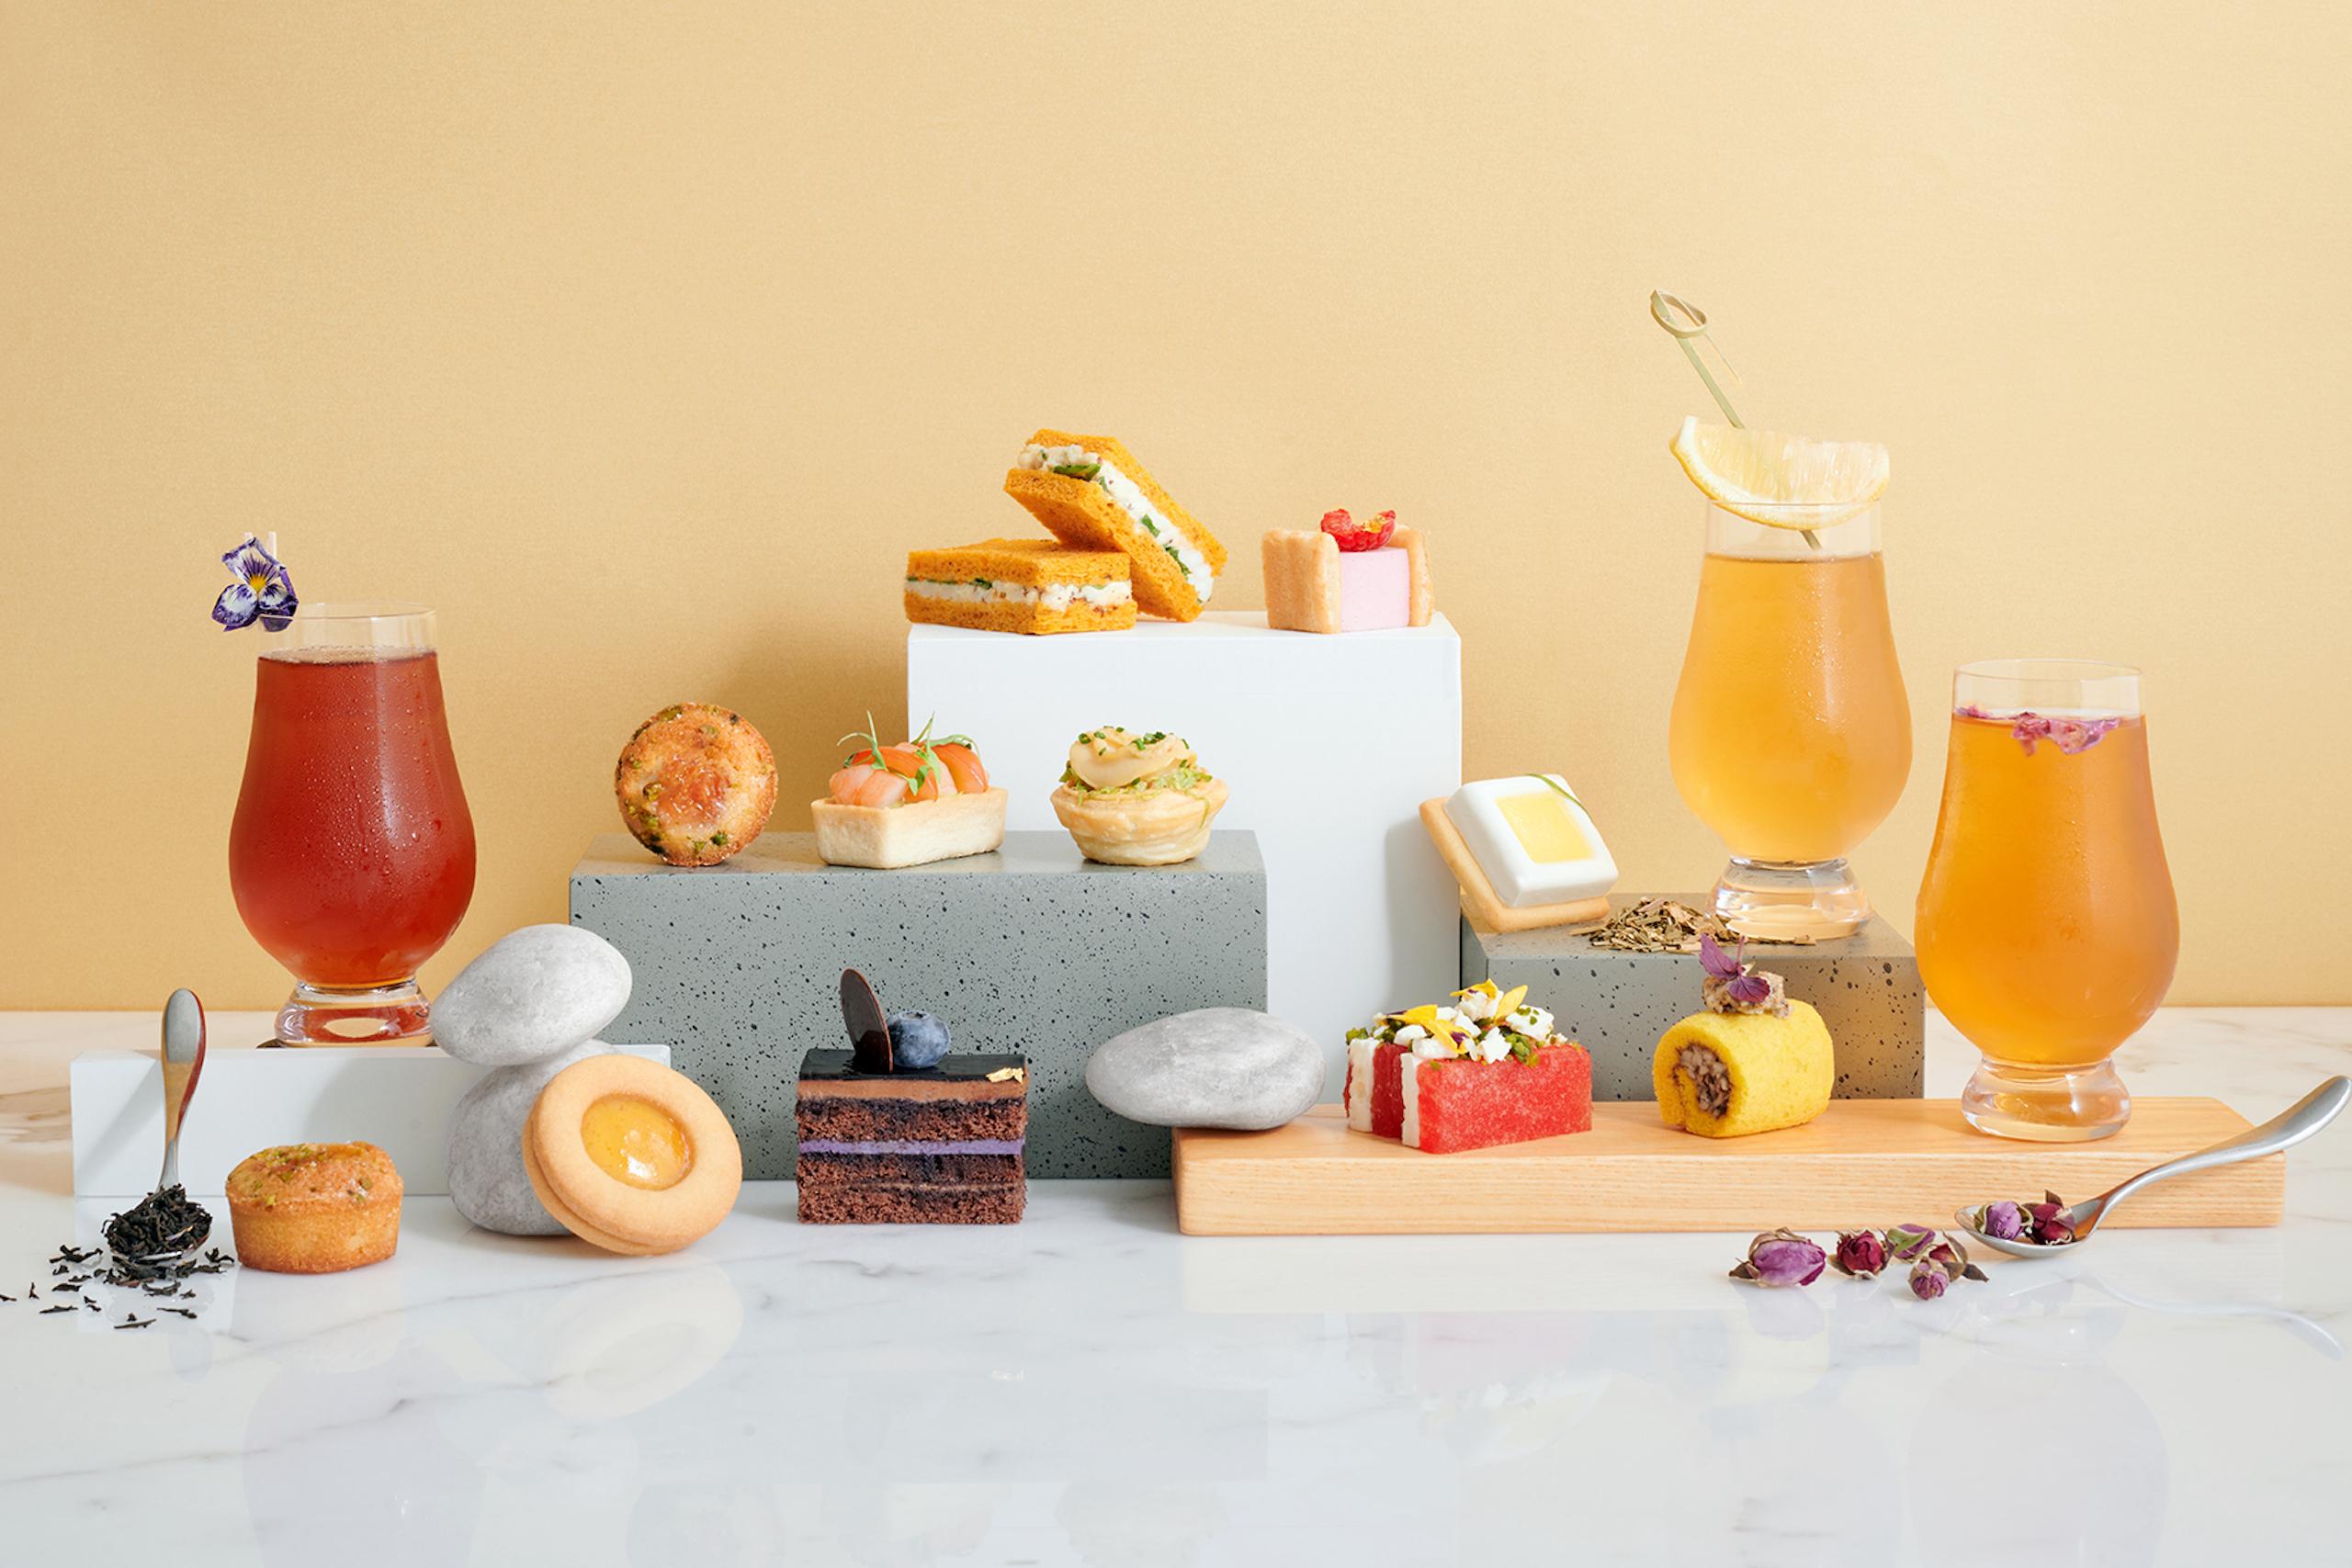 New Afternoon Tea Sets Hong Kong September 2021